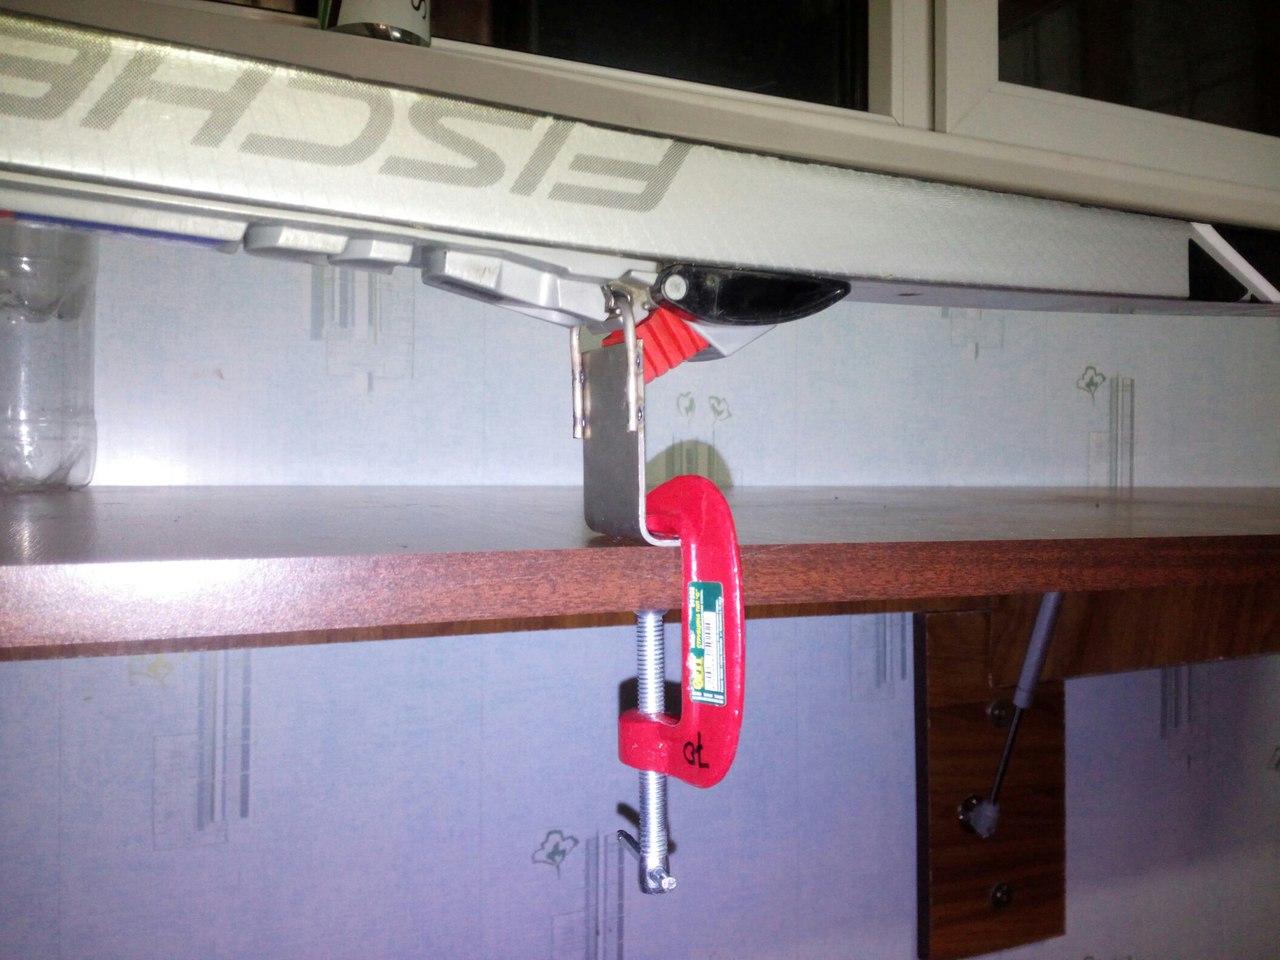 Устройство для фиксации лыж своими руками